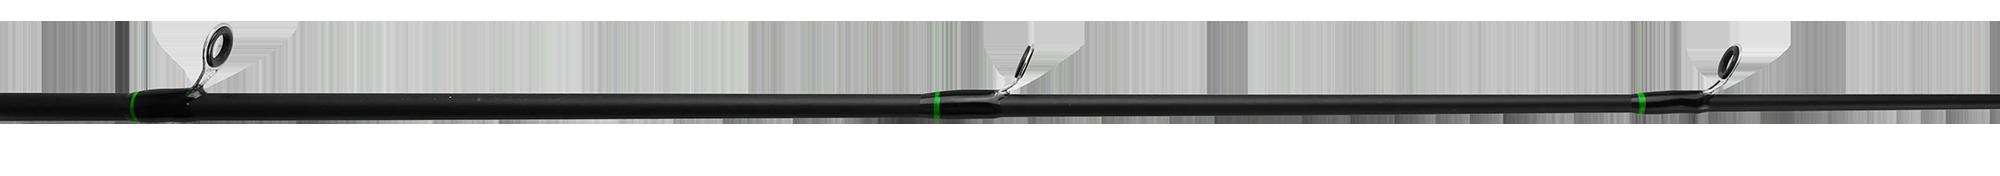 Vara Para Carretilha Albatroz Comander Carbon Solid C V 6